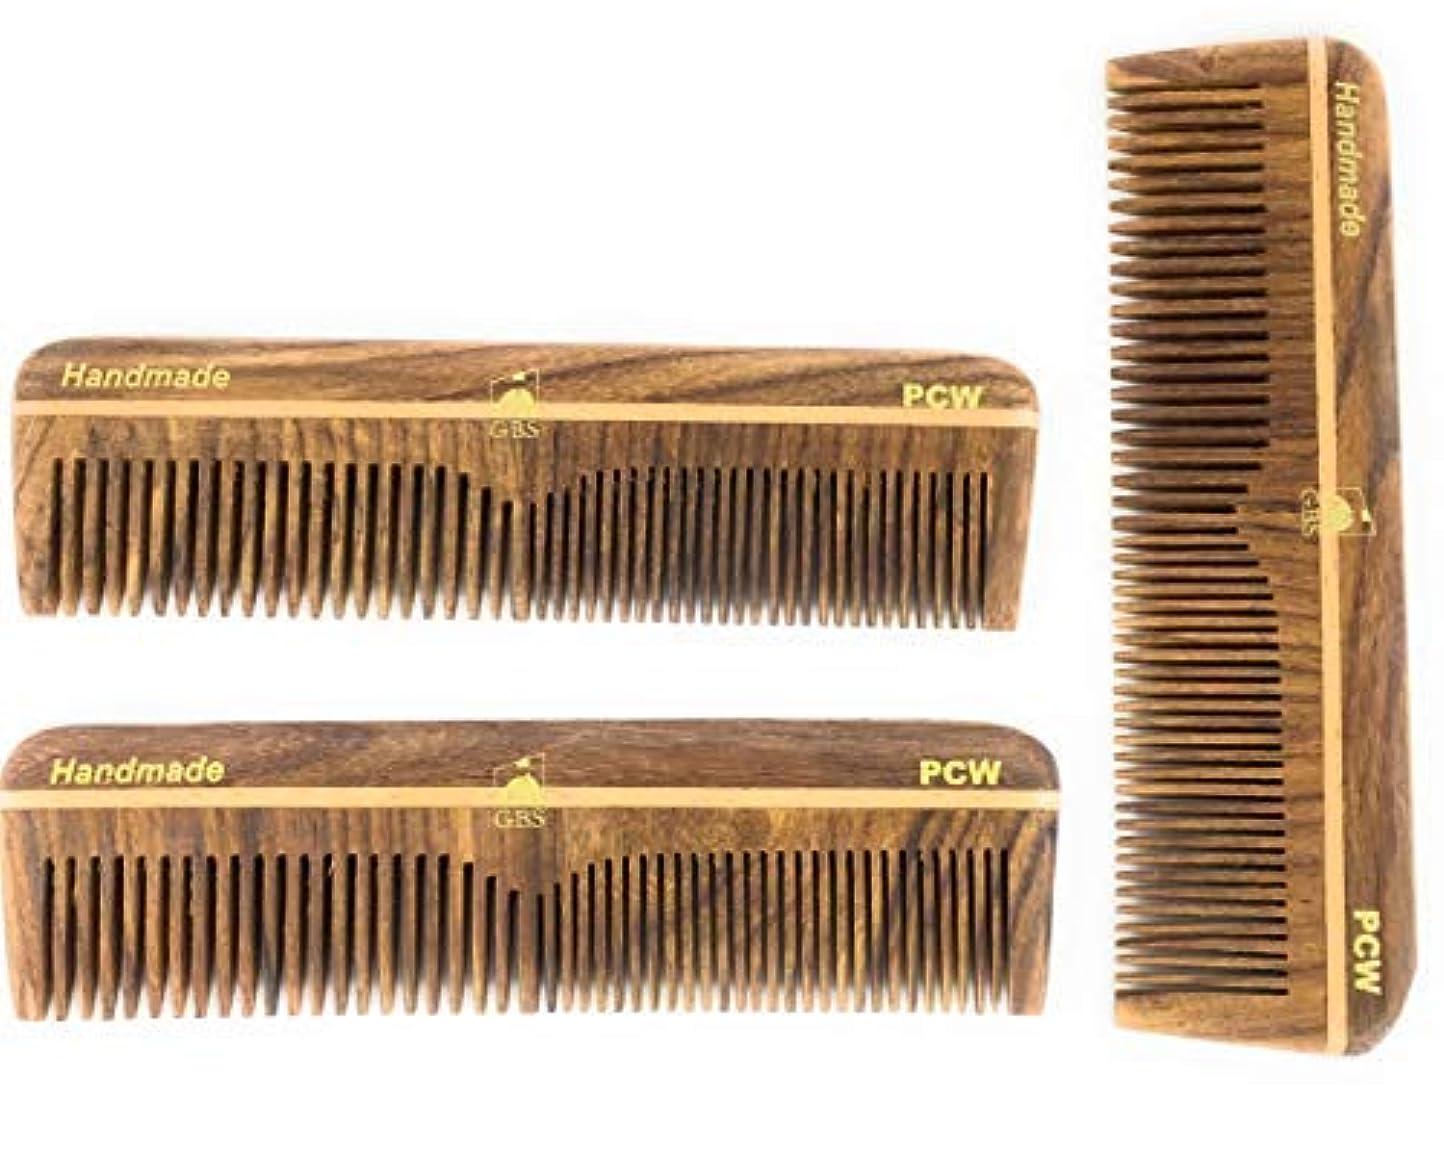 知事植物学ロードされたGBS Professional Grooming Comb - 5